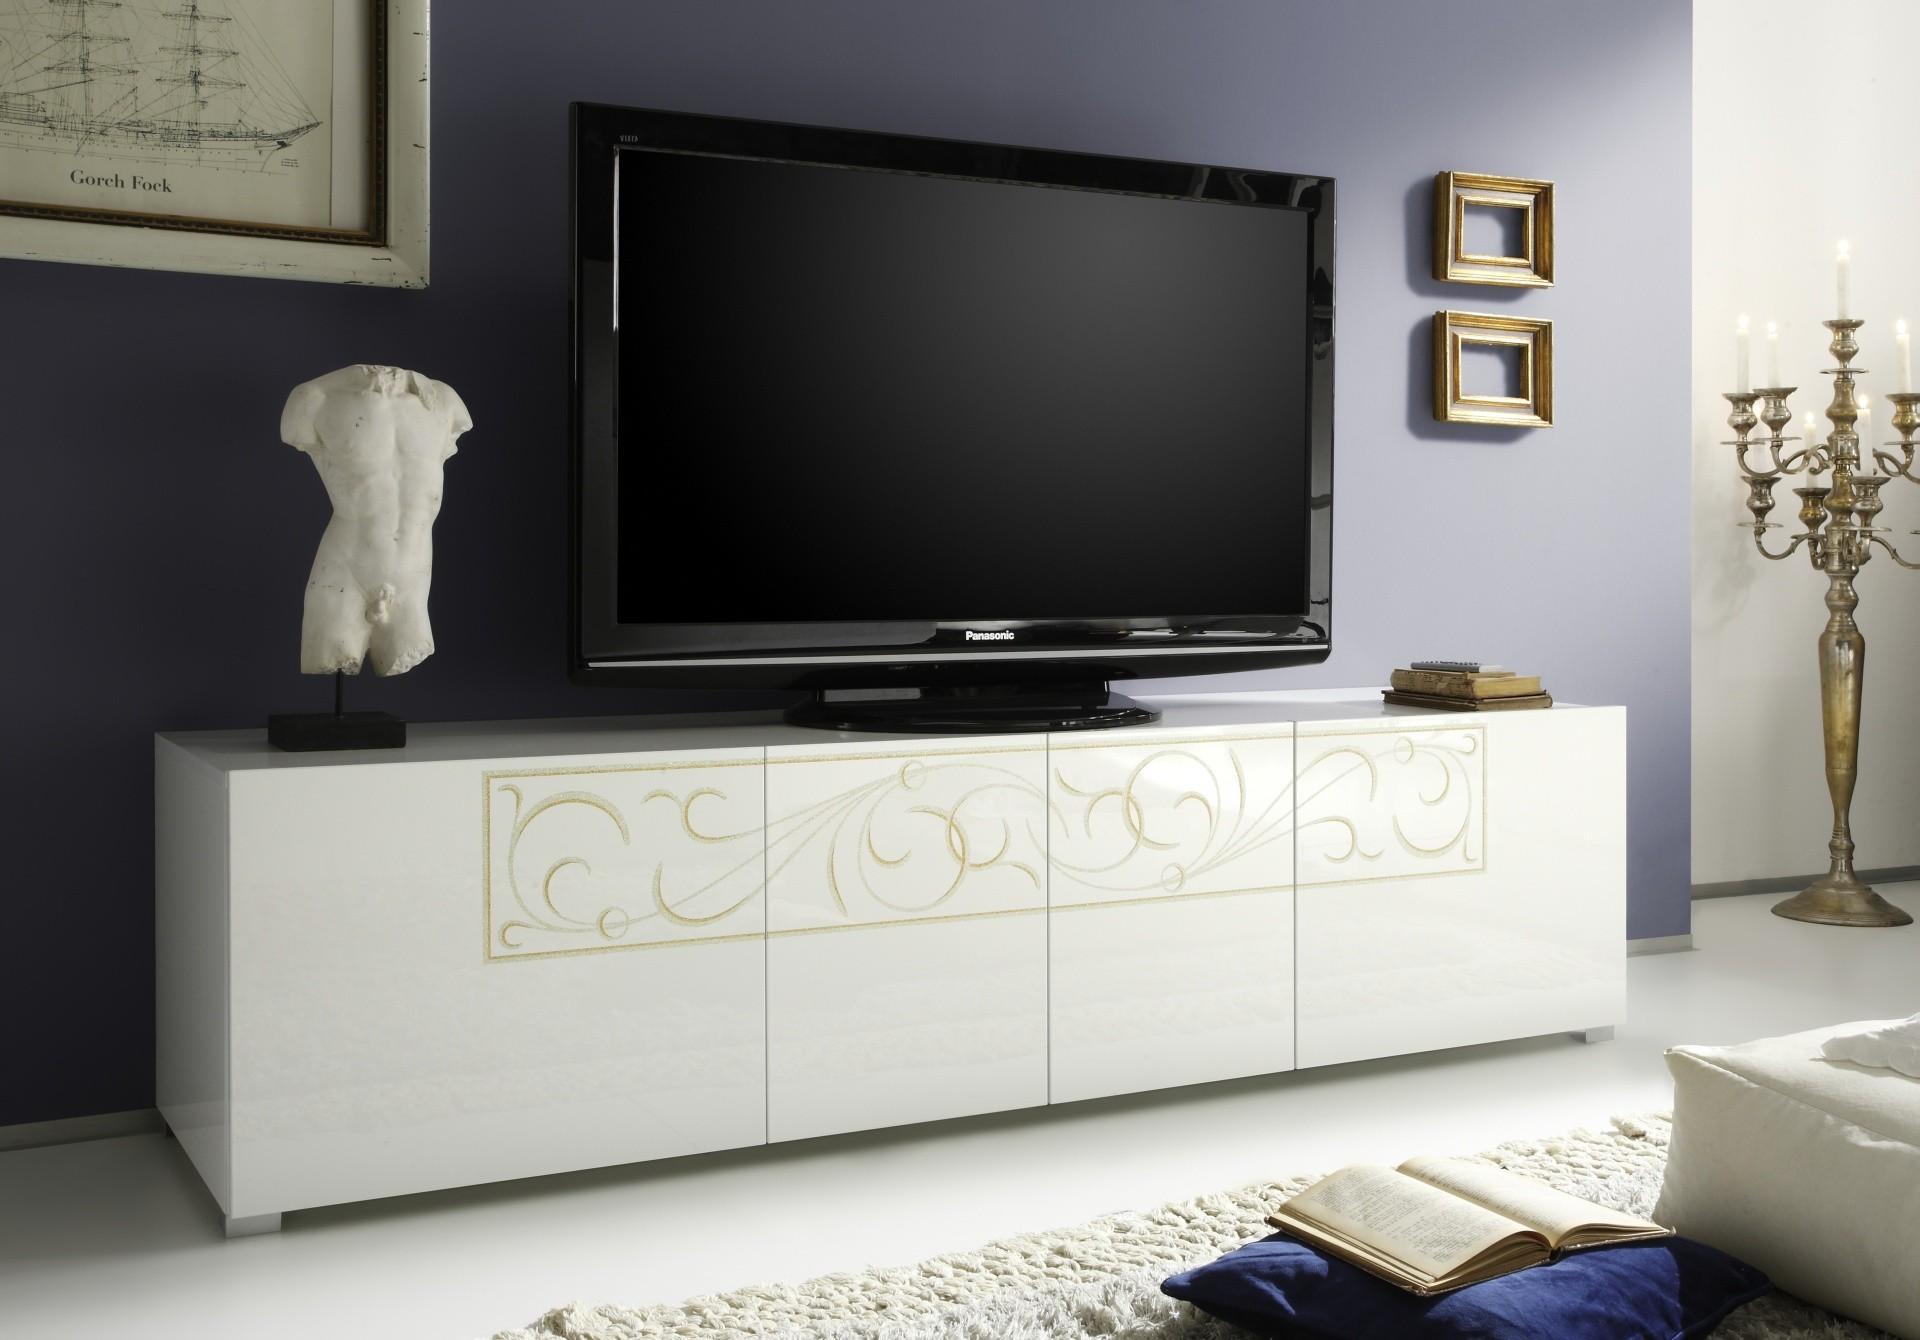 Meuble Tv Design B Ton Laqu Blanc 2 Portes Avec Led Oman Gdegdesign